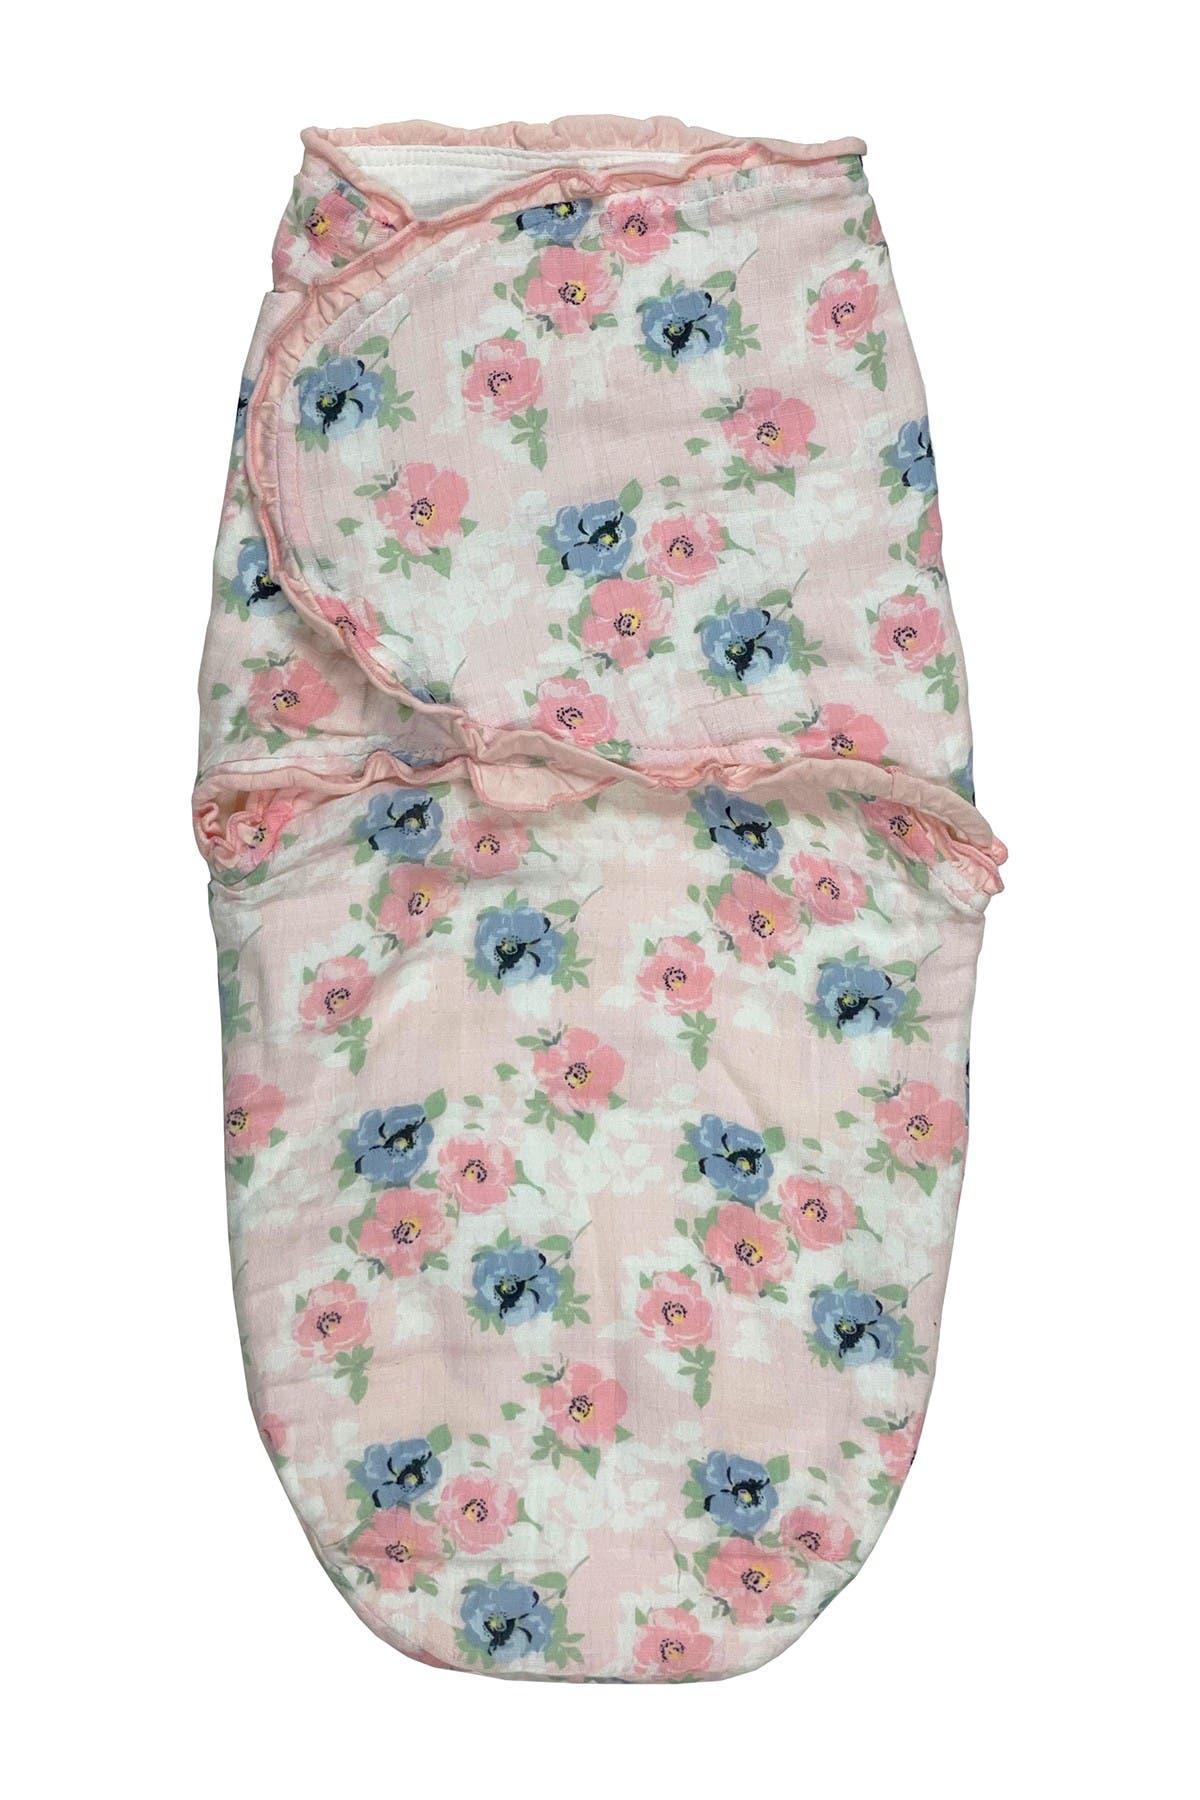 Image of Modern Baby Newborn Floral Print Muslin Swaddle Blanket Sleeping Sack